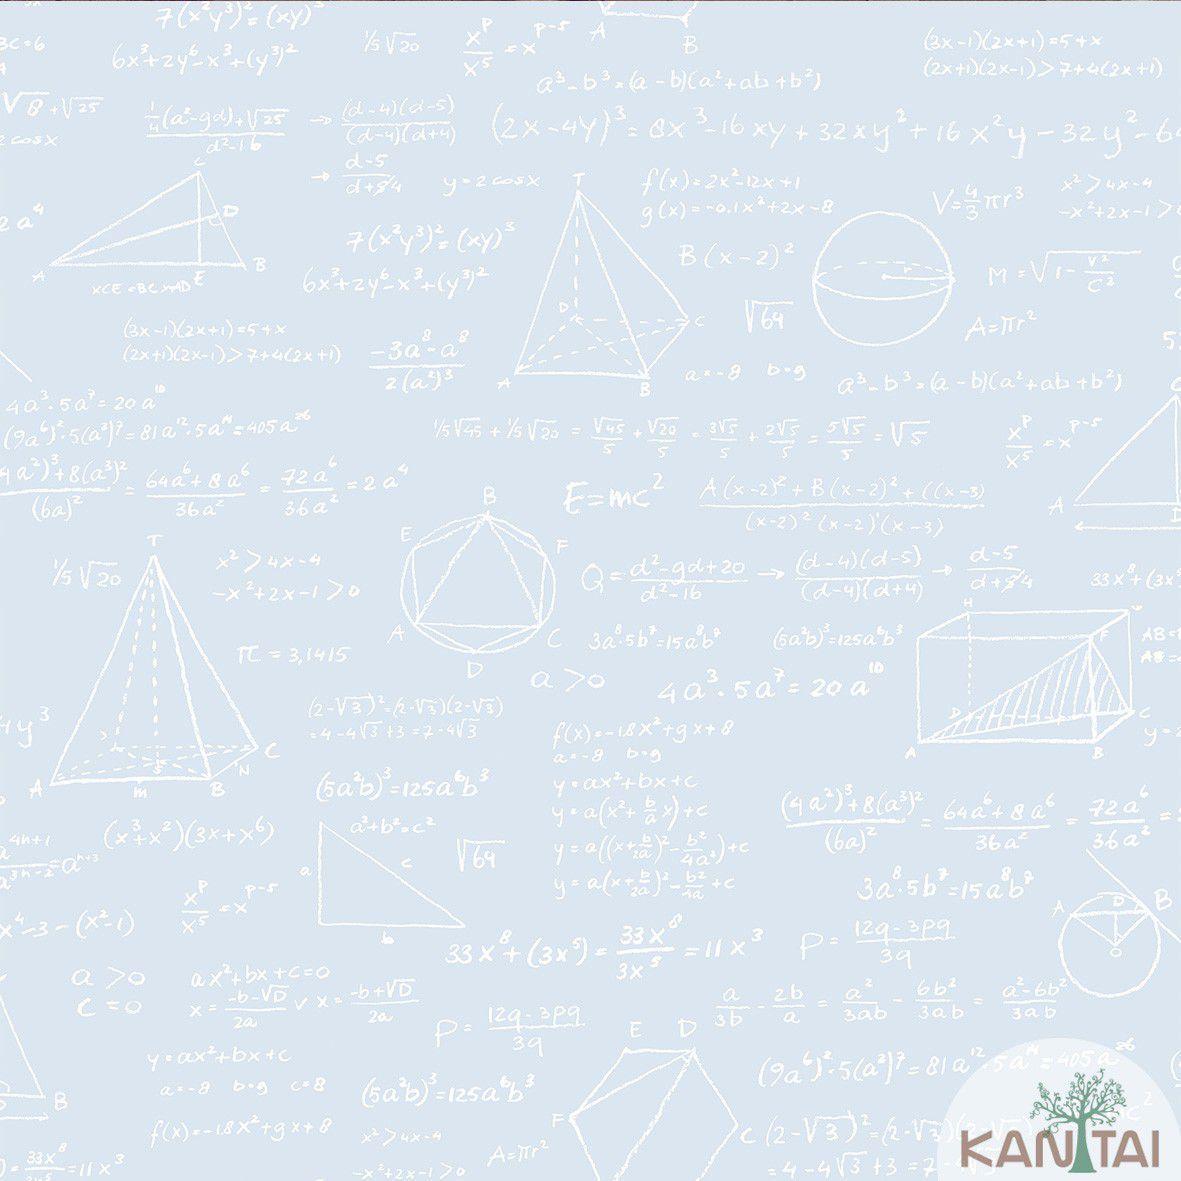 Papel de Parede  Kantai Vinilico Coleção Style Fórmulas Matemáticas Azul Claro, Branco